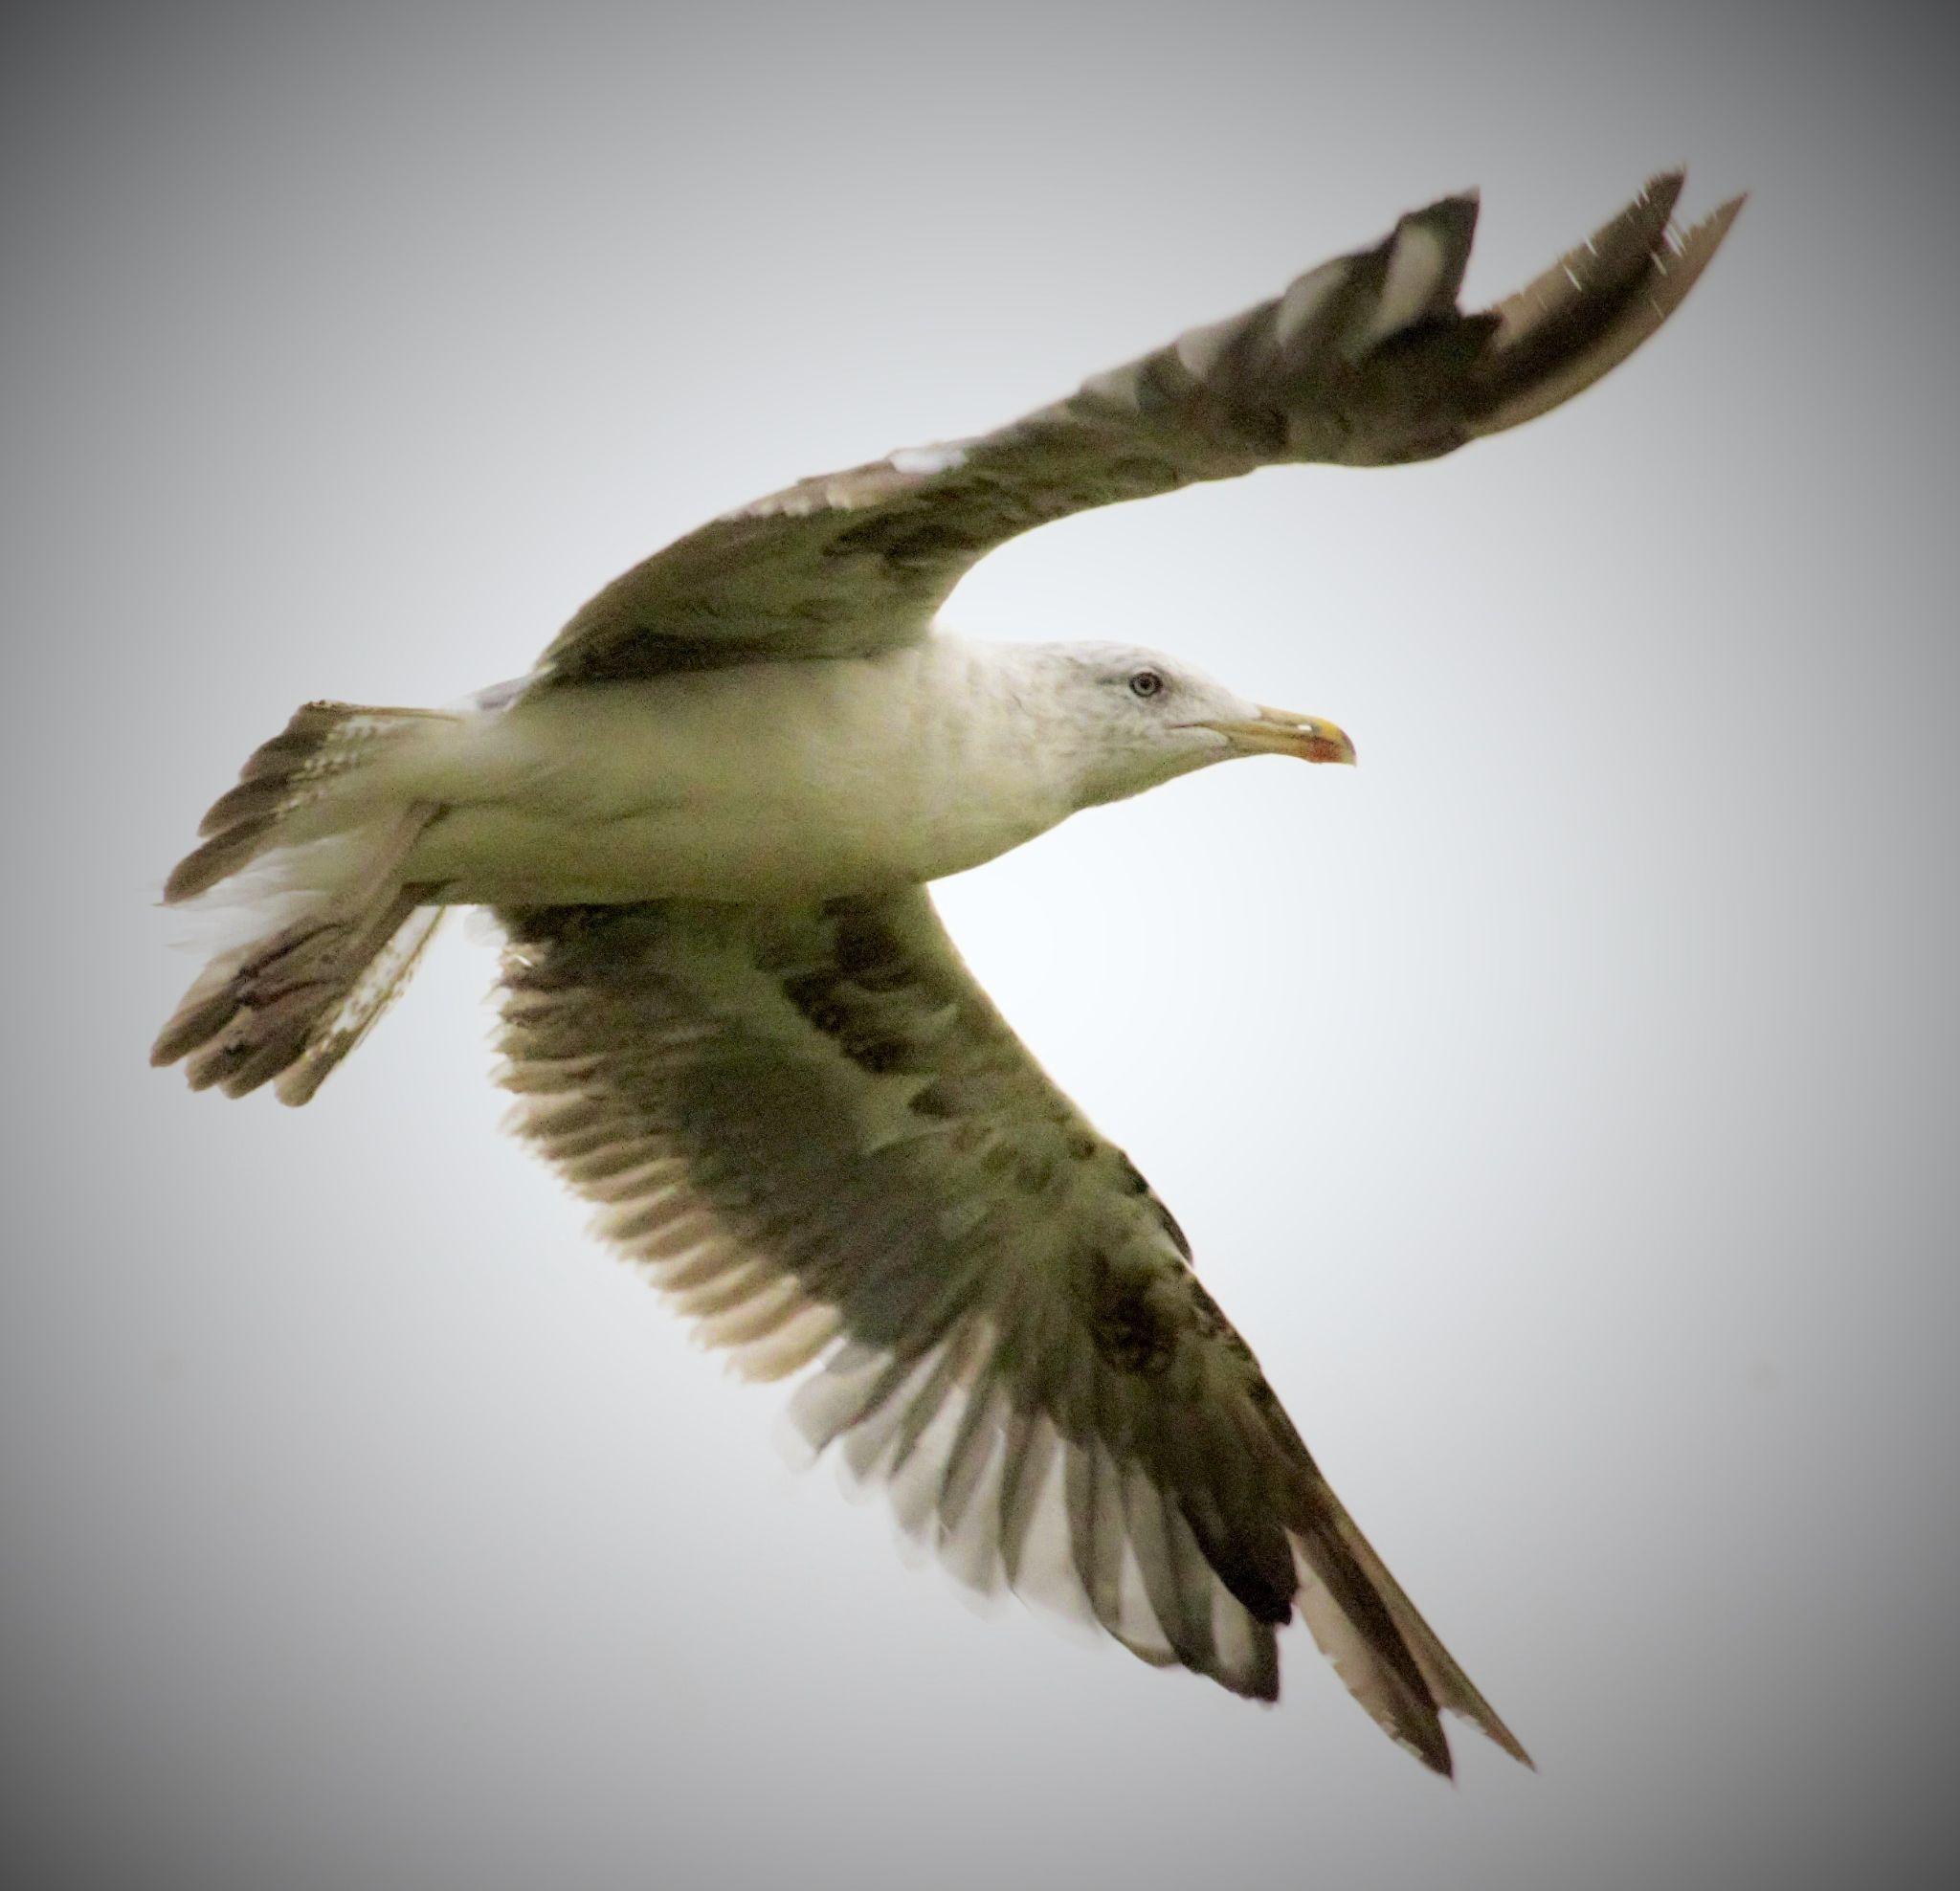 Gull in flight. by sidoneill1